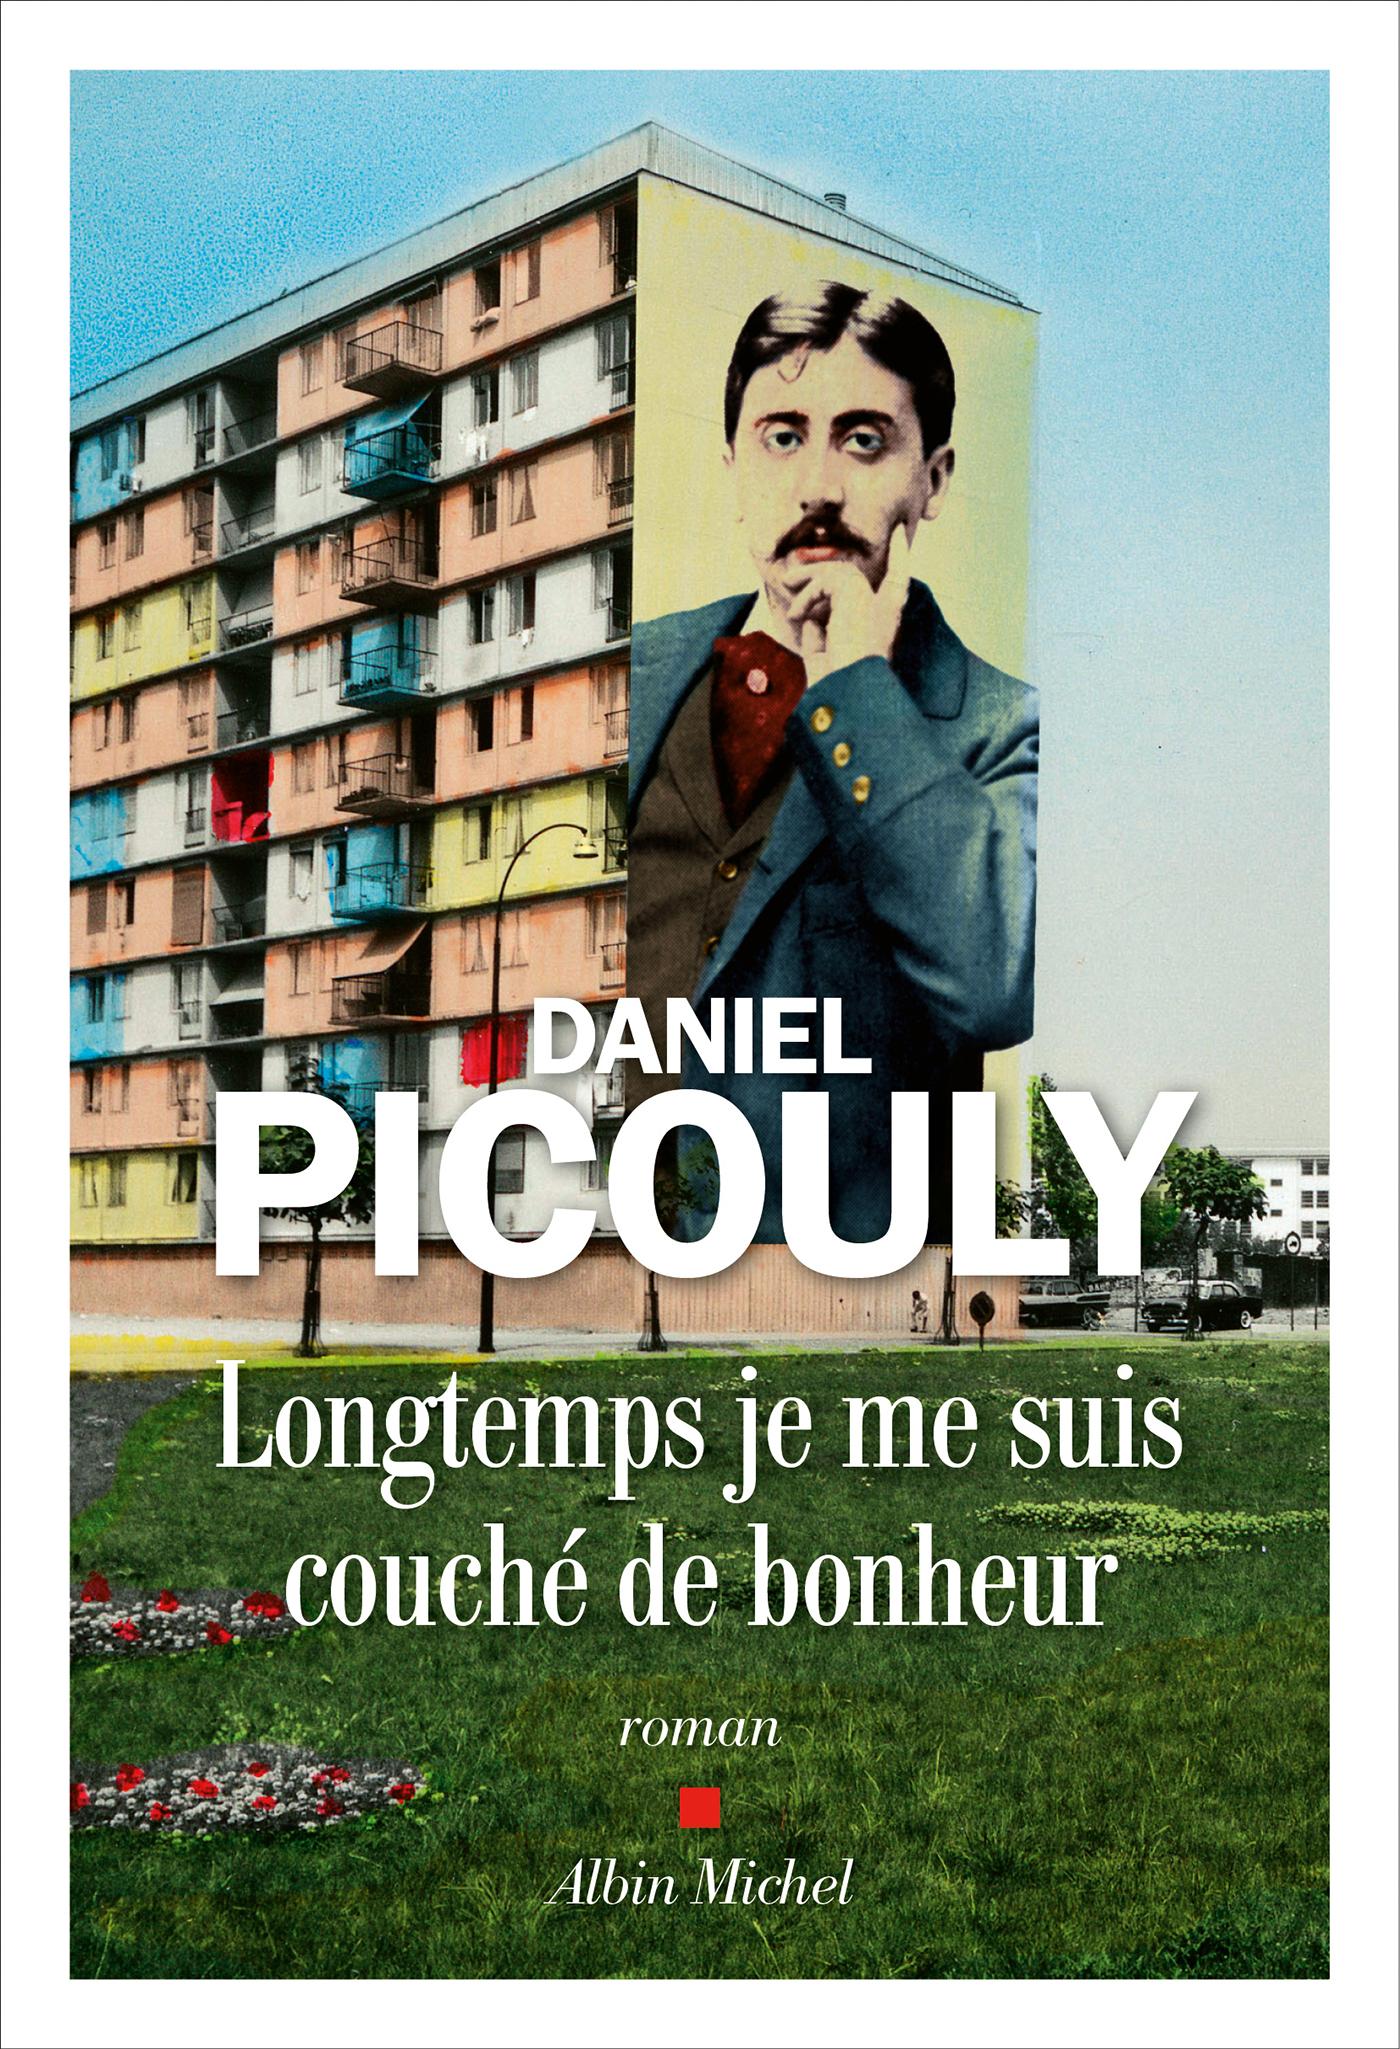 Longtemps je me suis couché de bonheur | Picouly, Daniel. Auteur